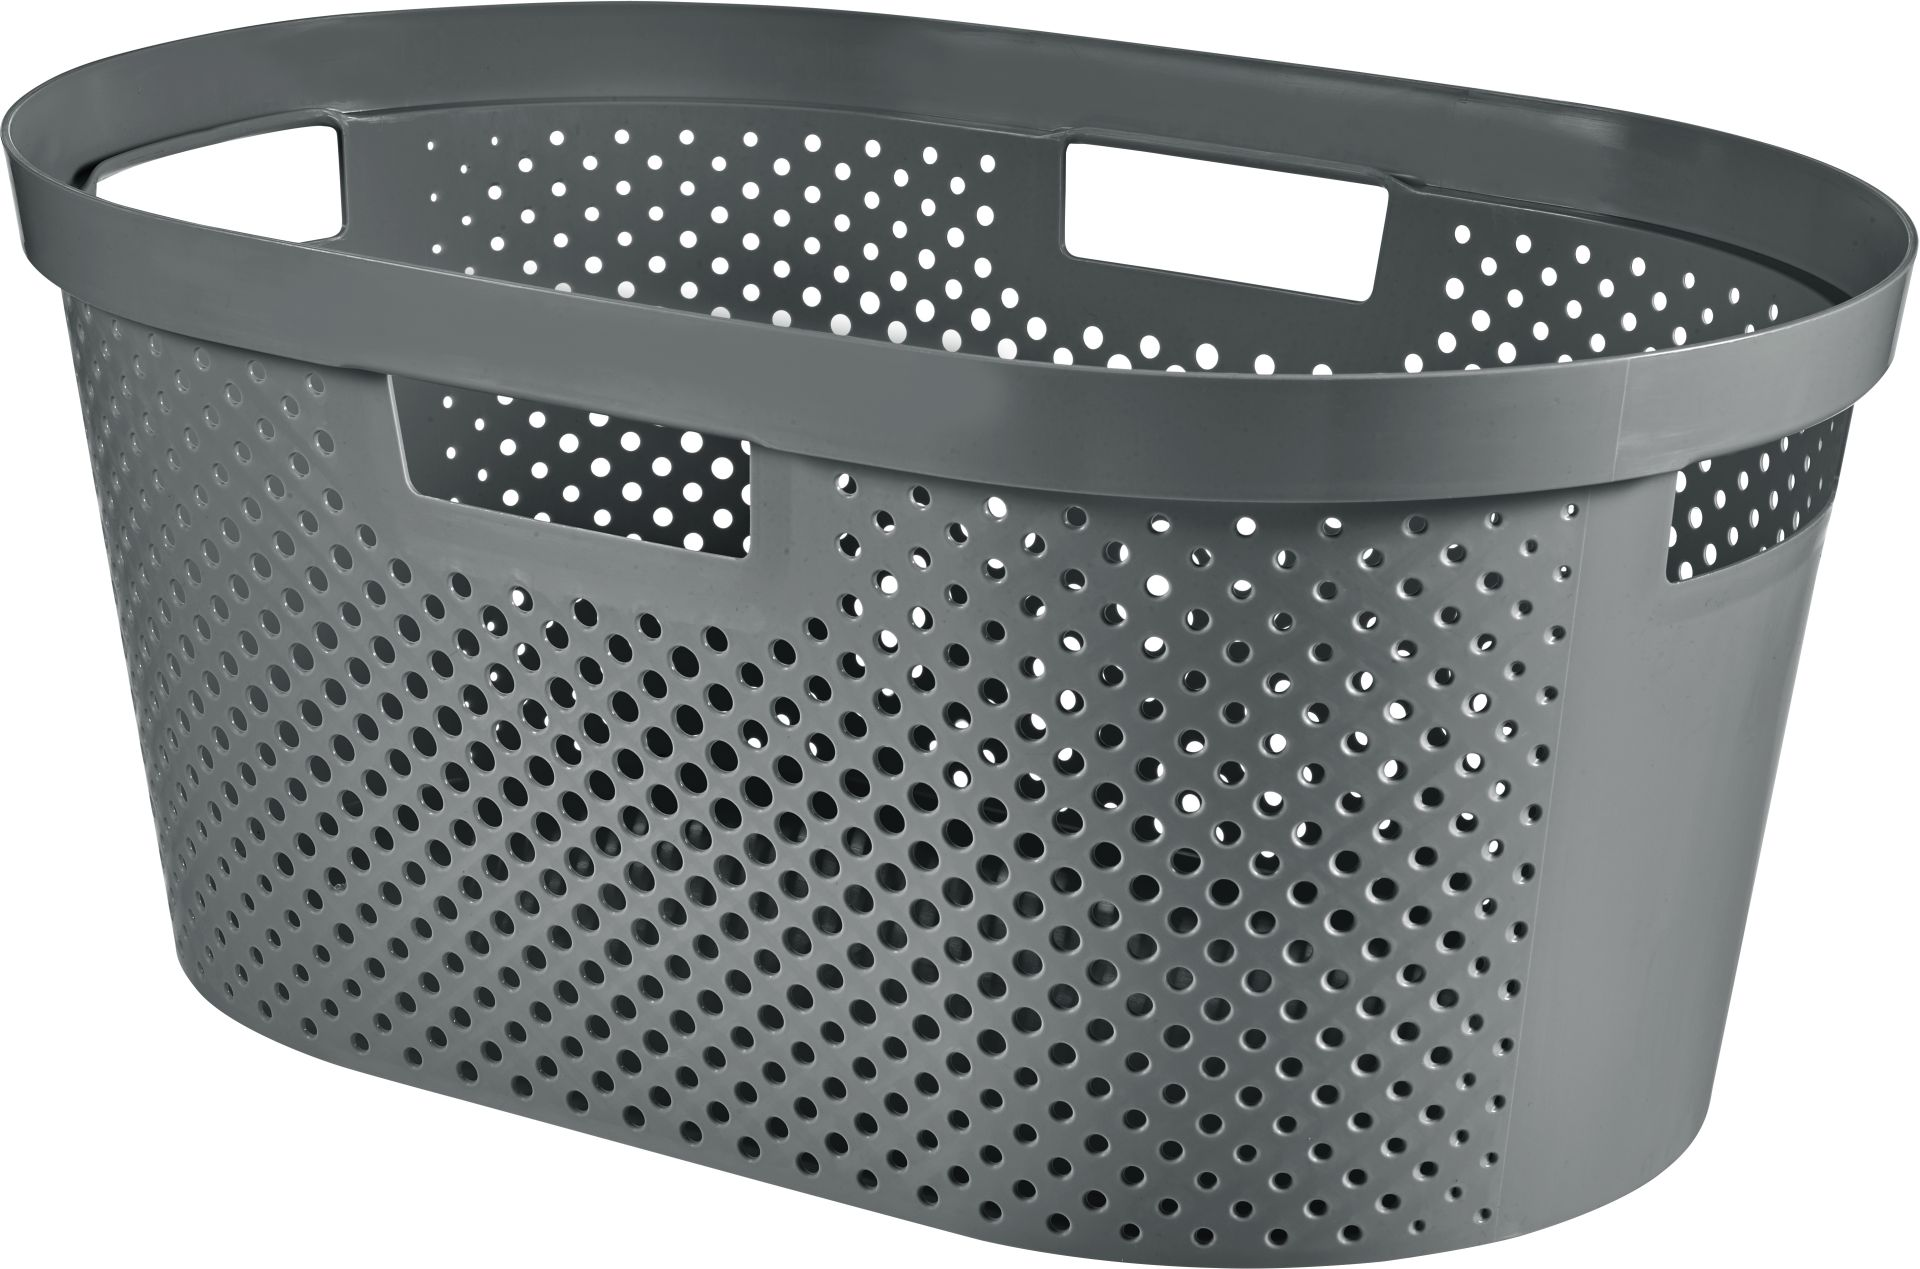 CURVER INFINITY 39L Koš na čisté prádlo, recyklovaný plast, tmavě šedý 04755-G43